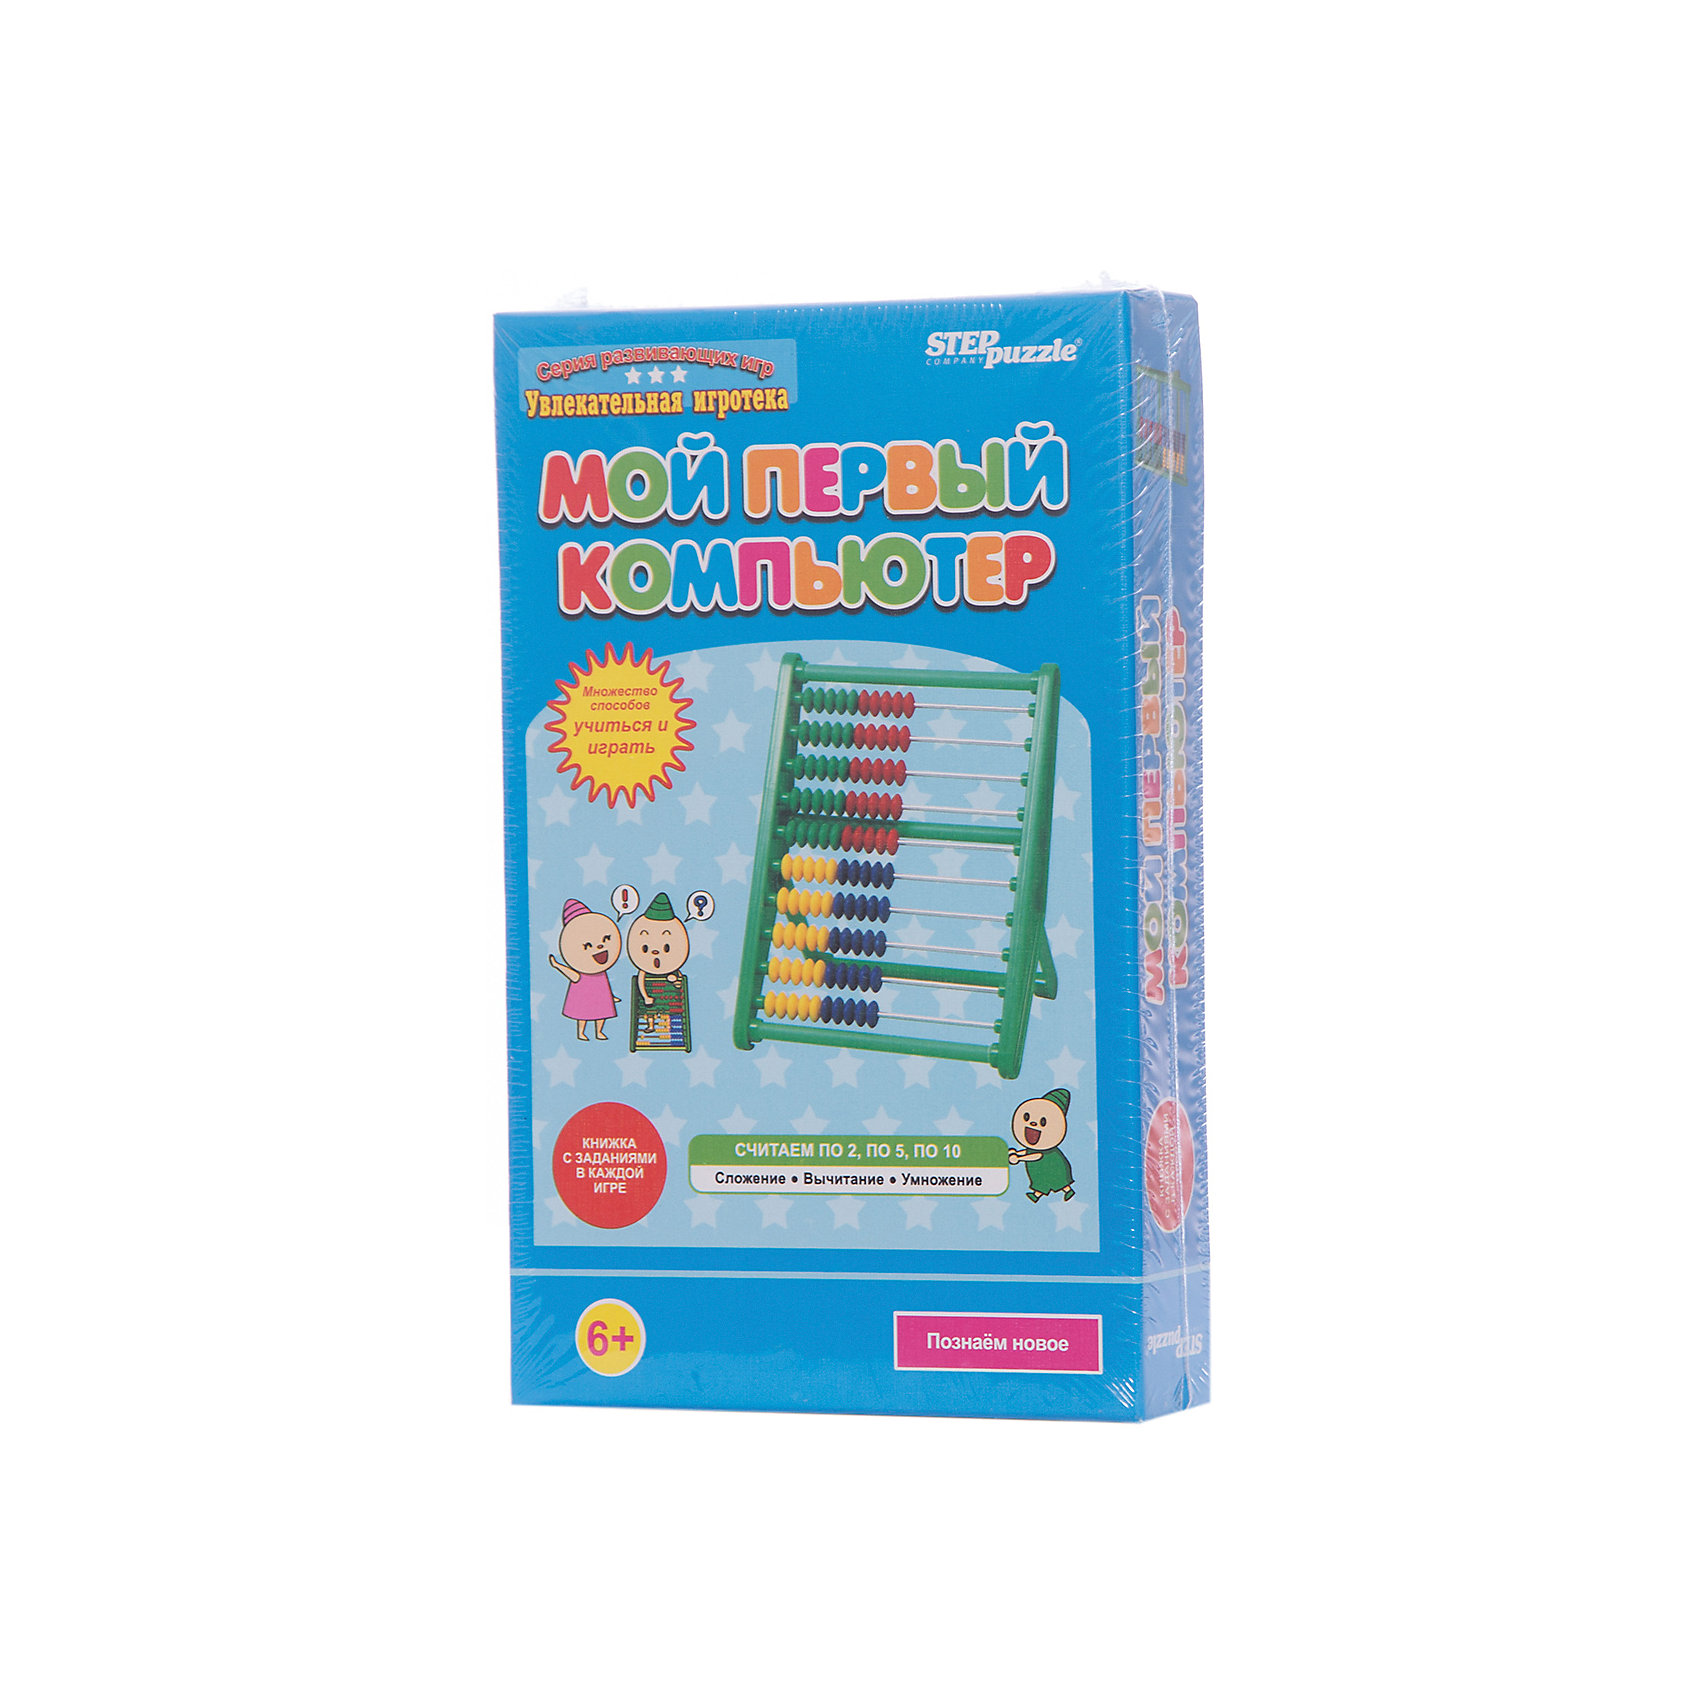 Игра Мой первый компьютер, Step PuzzleРазвивающие игры<br>Игра Мой первый компьютер, Step Puzzle (Степ Пазл) – это прекрасное пособие для обучения ребенка основам математики.<br>Мой первый компьютер - это увлекательная развивающая игра, которая станет полезным и интересным развлечением для малыша. Игра Мой первый компьютер - это не что иное, как обыкновенные счеты. Несмотря на кажущуюся простоту, счеты - отличная развивающая игрушка для детей. С их помощью можно наглядно объяснить ребенку сложение, вычитание и даже умножение. В комплект входит книжечка с заданиями. Со счетами могут играть и малыши. Передвижение бусинок по перекладинам тренирует мелкую моторику рук. У счет есть подставка, можно ставить их вертикально или оставлять в горизонтальном положении.<br><br>Дополнительная информация:<br><br>- В комплекте: счеты, красочная книжка с заданиями<br>- Размер счет: 14,5х11 см.<br>- Материал: пластик<br>- Упаковка: картонная коробка<br>- Размер упаковки: 220x40x140 мм.<br><br>Игру Мой первый компьютер, Step Puzzle (Степ Пазл) можно купить в нашем интернет-магазине.<br><br>Ширина мм: 220<br>Глубина мм: 40<br>Высота мм: 140<br>Вес г: 400<br>Возраст от месяцев: 72<br>Возраст до месяцев: 144<br>Пол: Унисекс<br>Возраст: Детский<br>SKU: 4588258